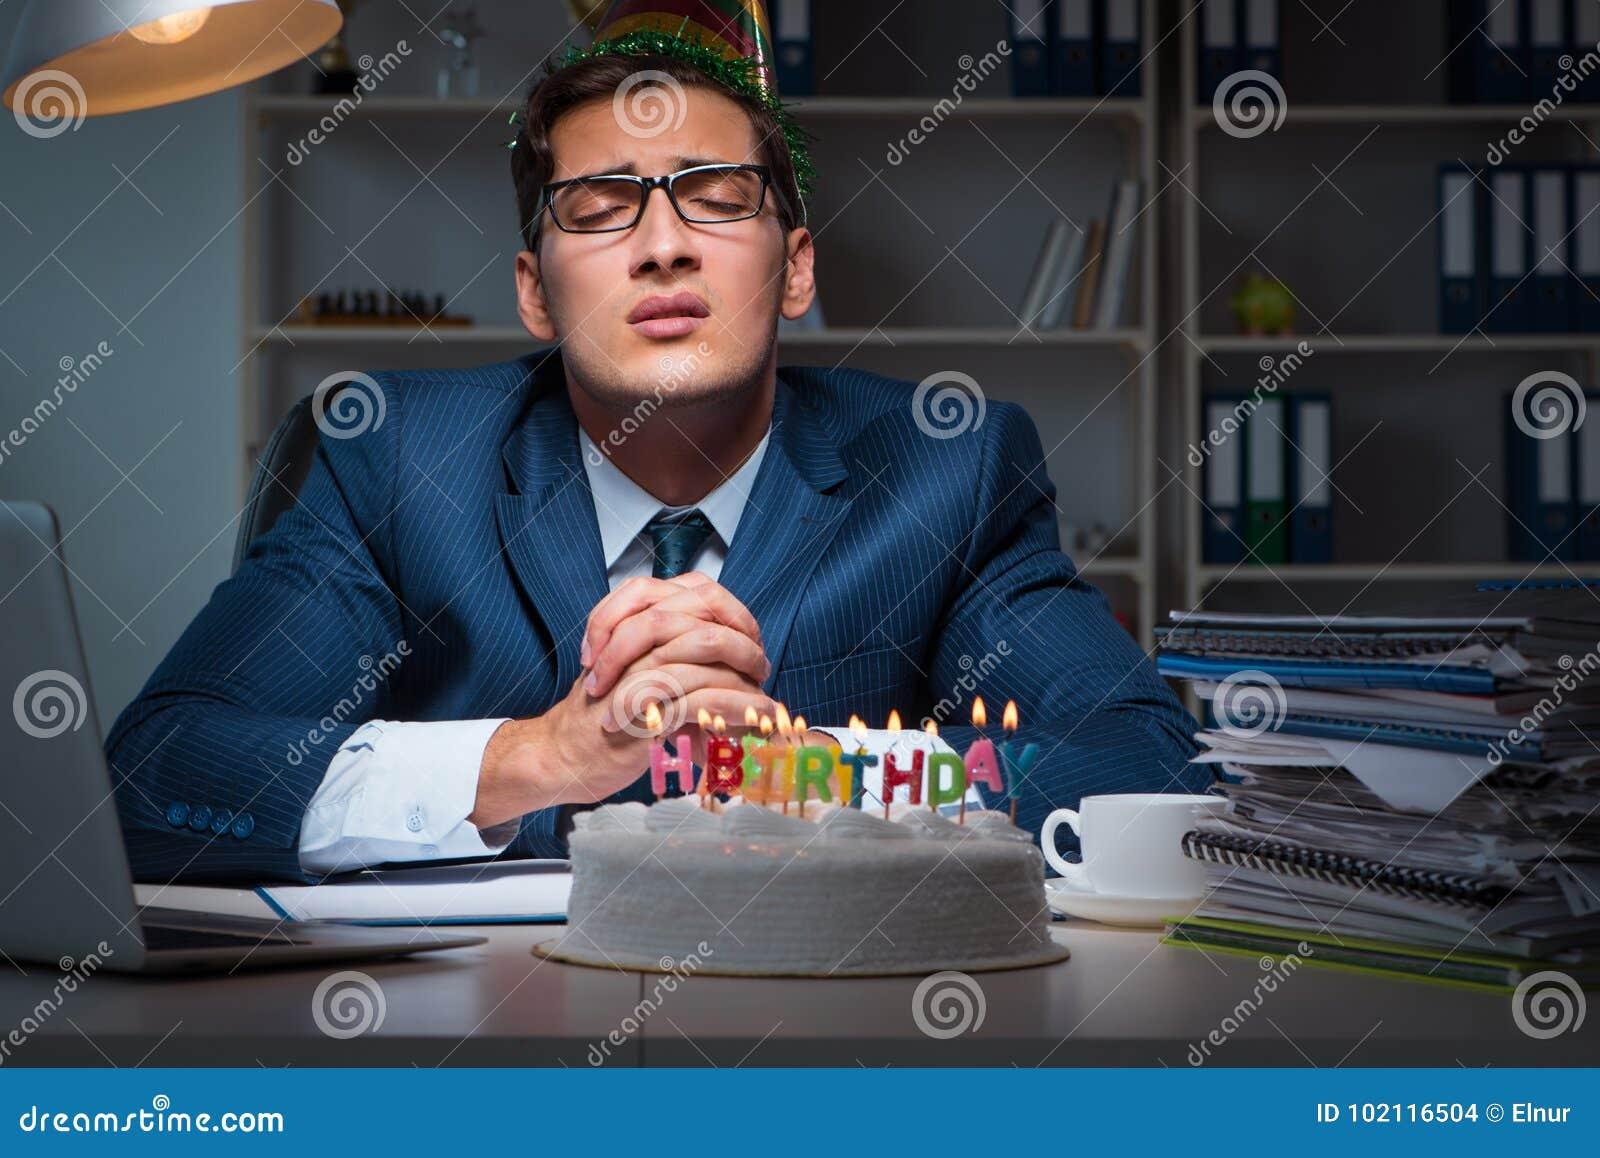 El Hombre Que Celebra Cumpleanos En La Oficina Foto De Archivo